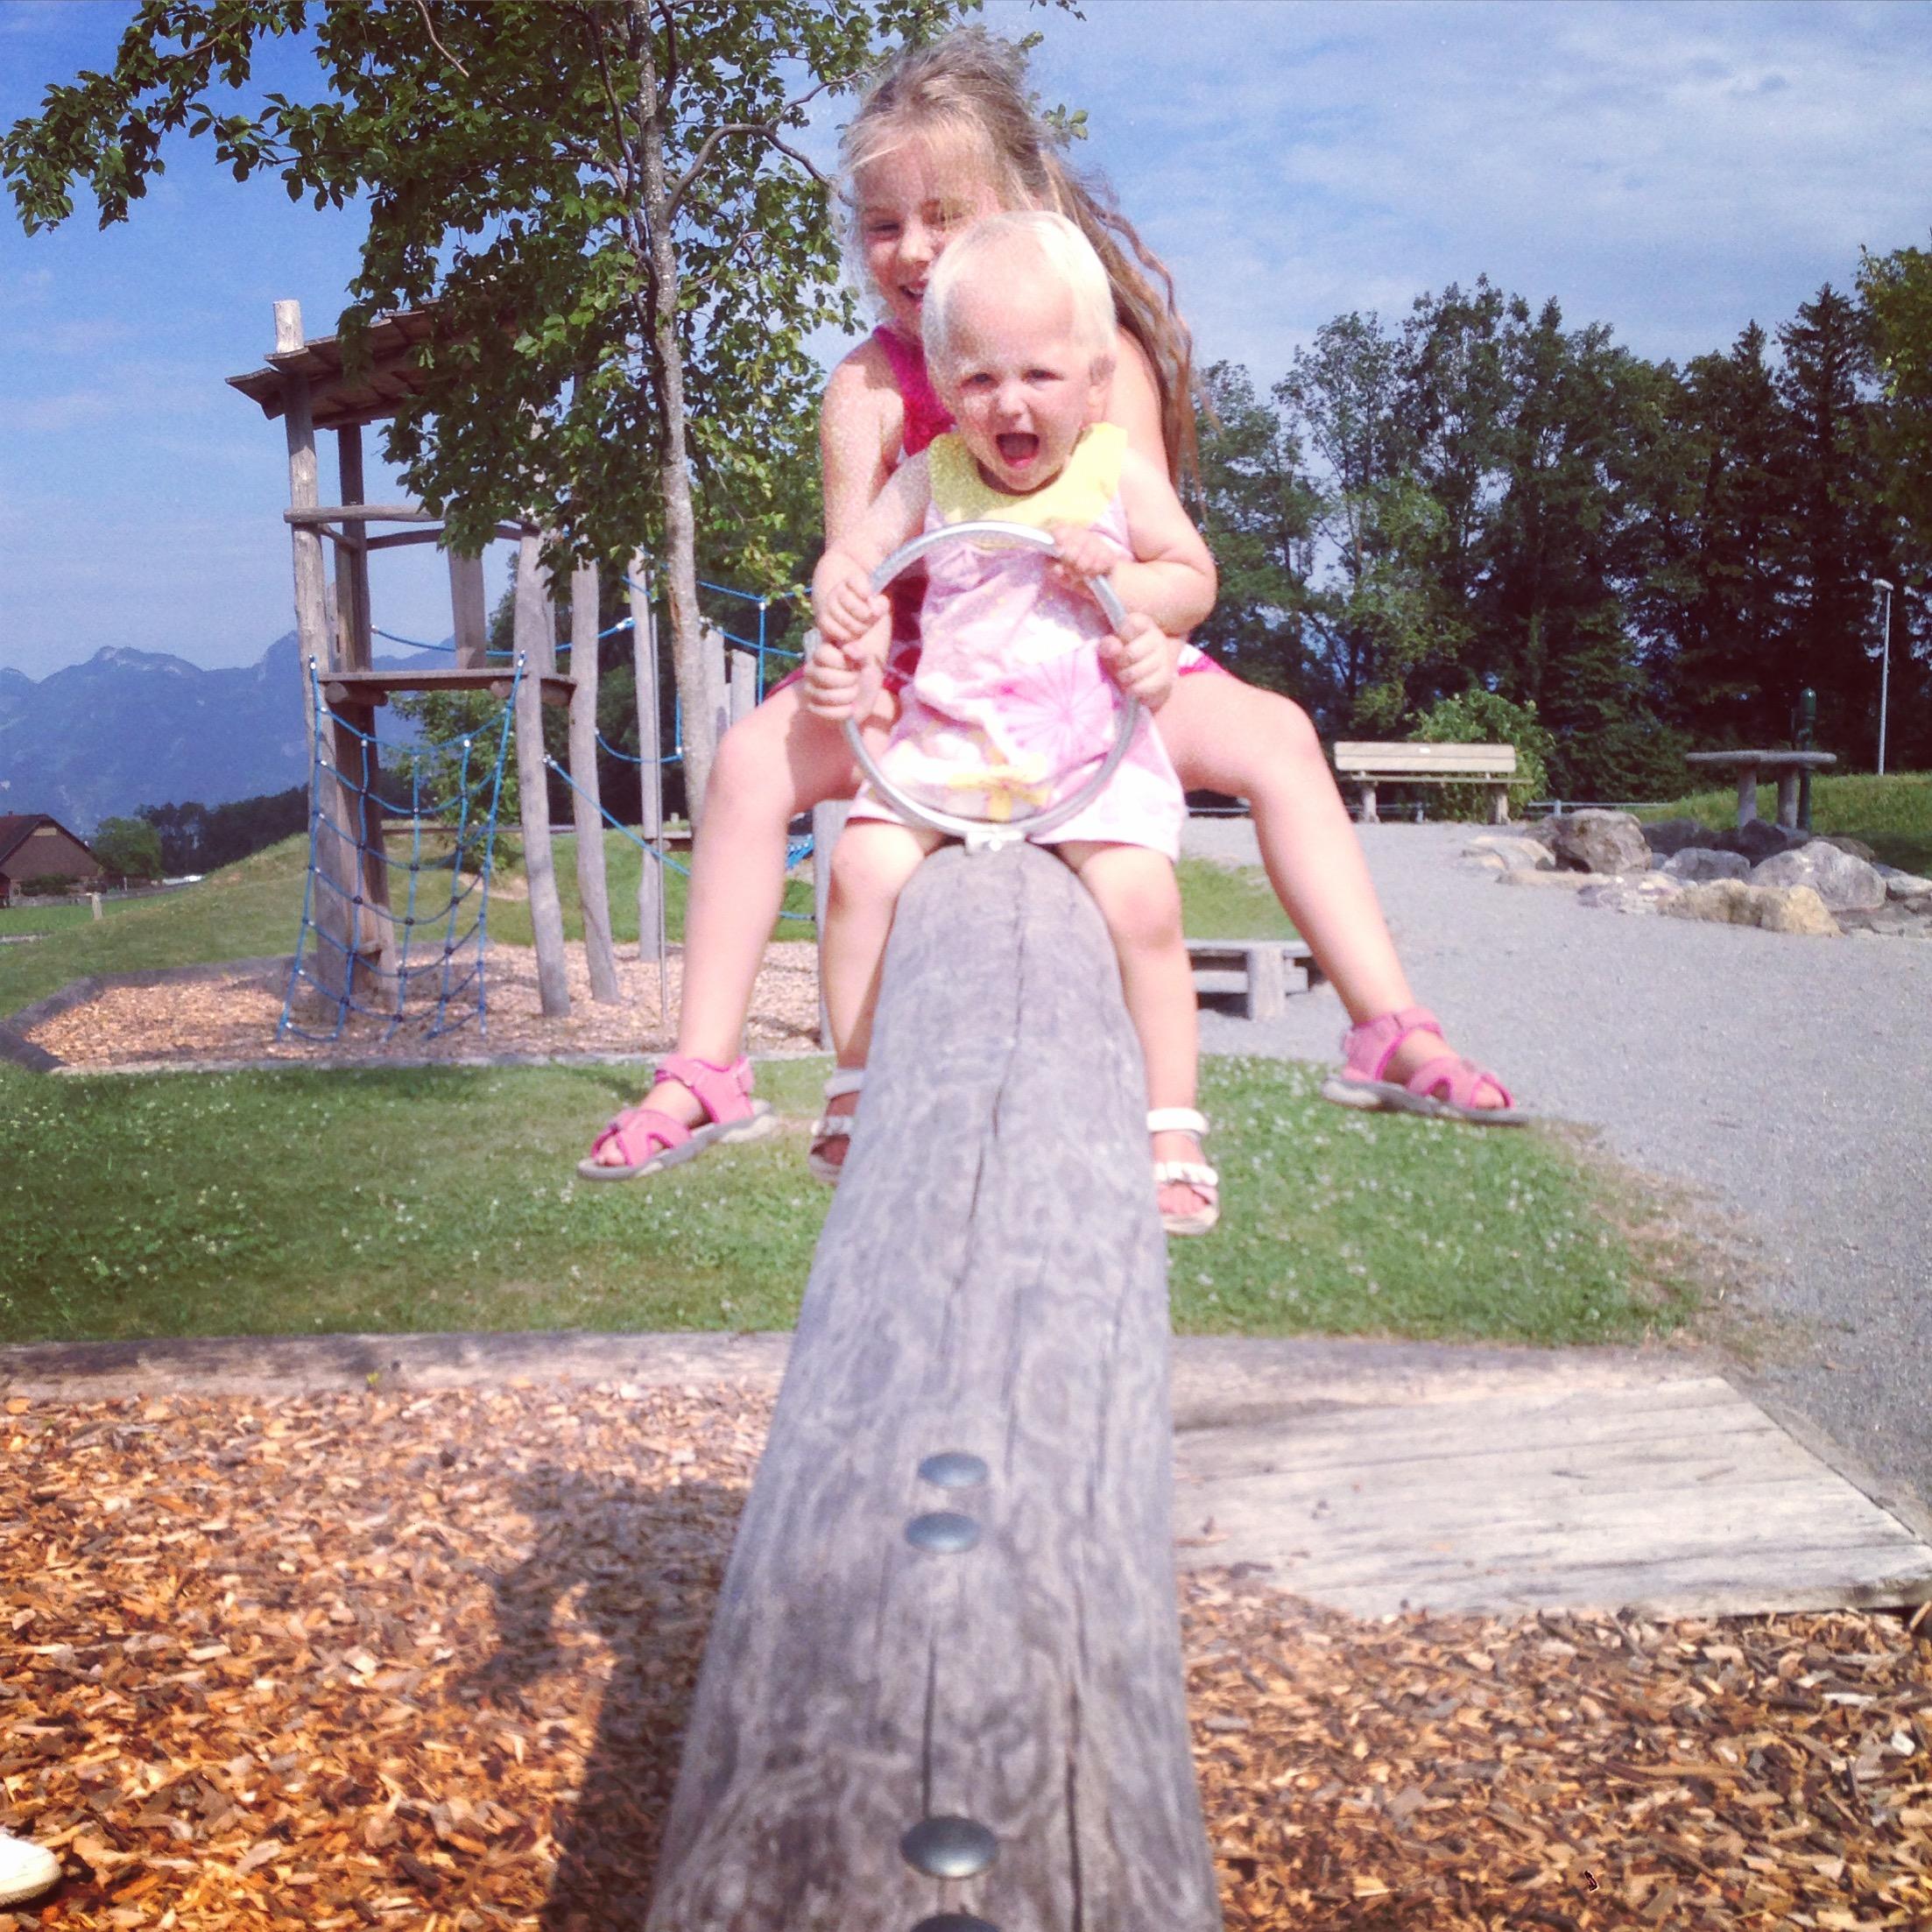 Zaterdag was het een hele hete dag, ook in de speeltuin was het niet uit te houden.